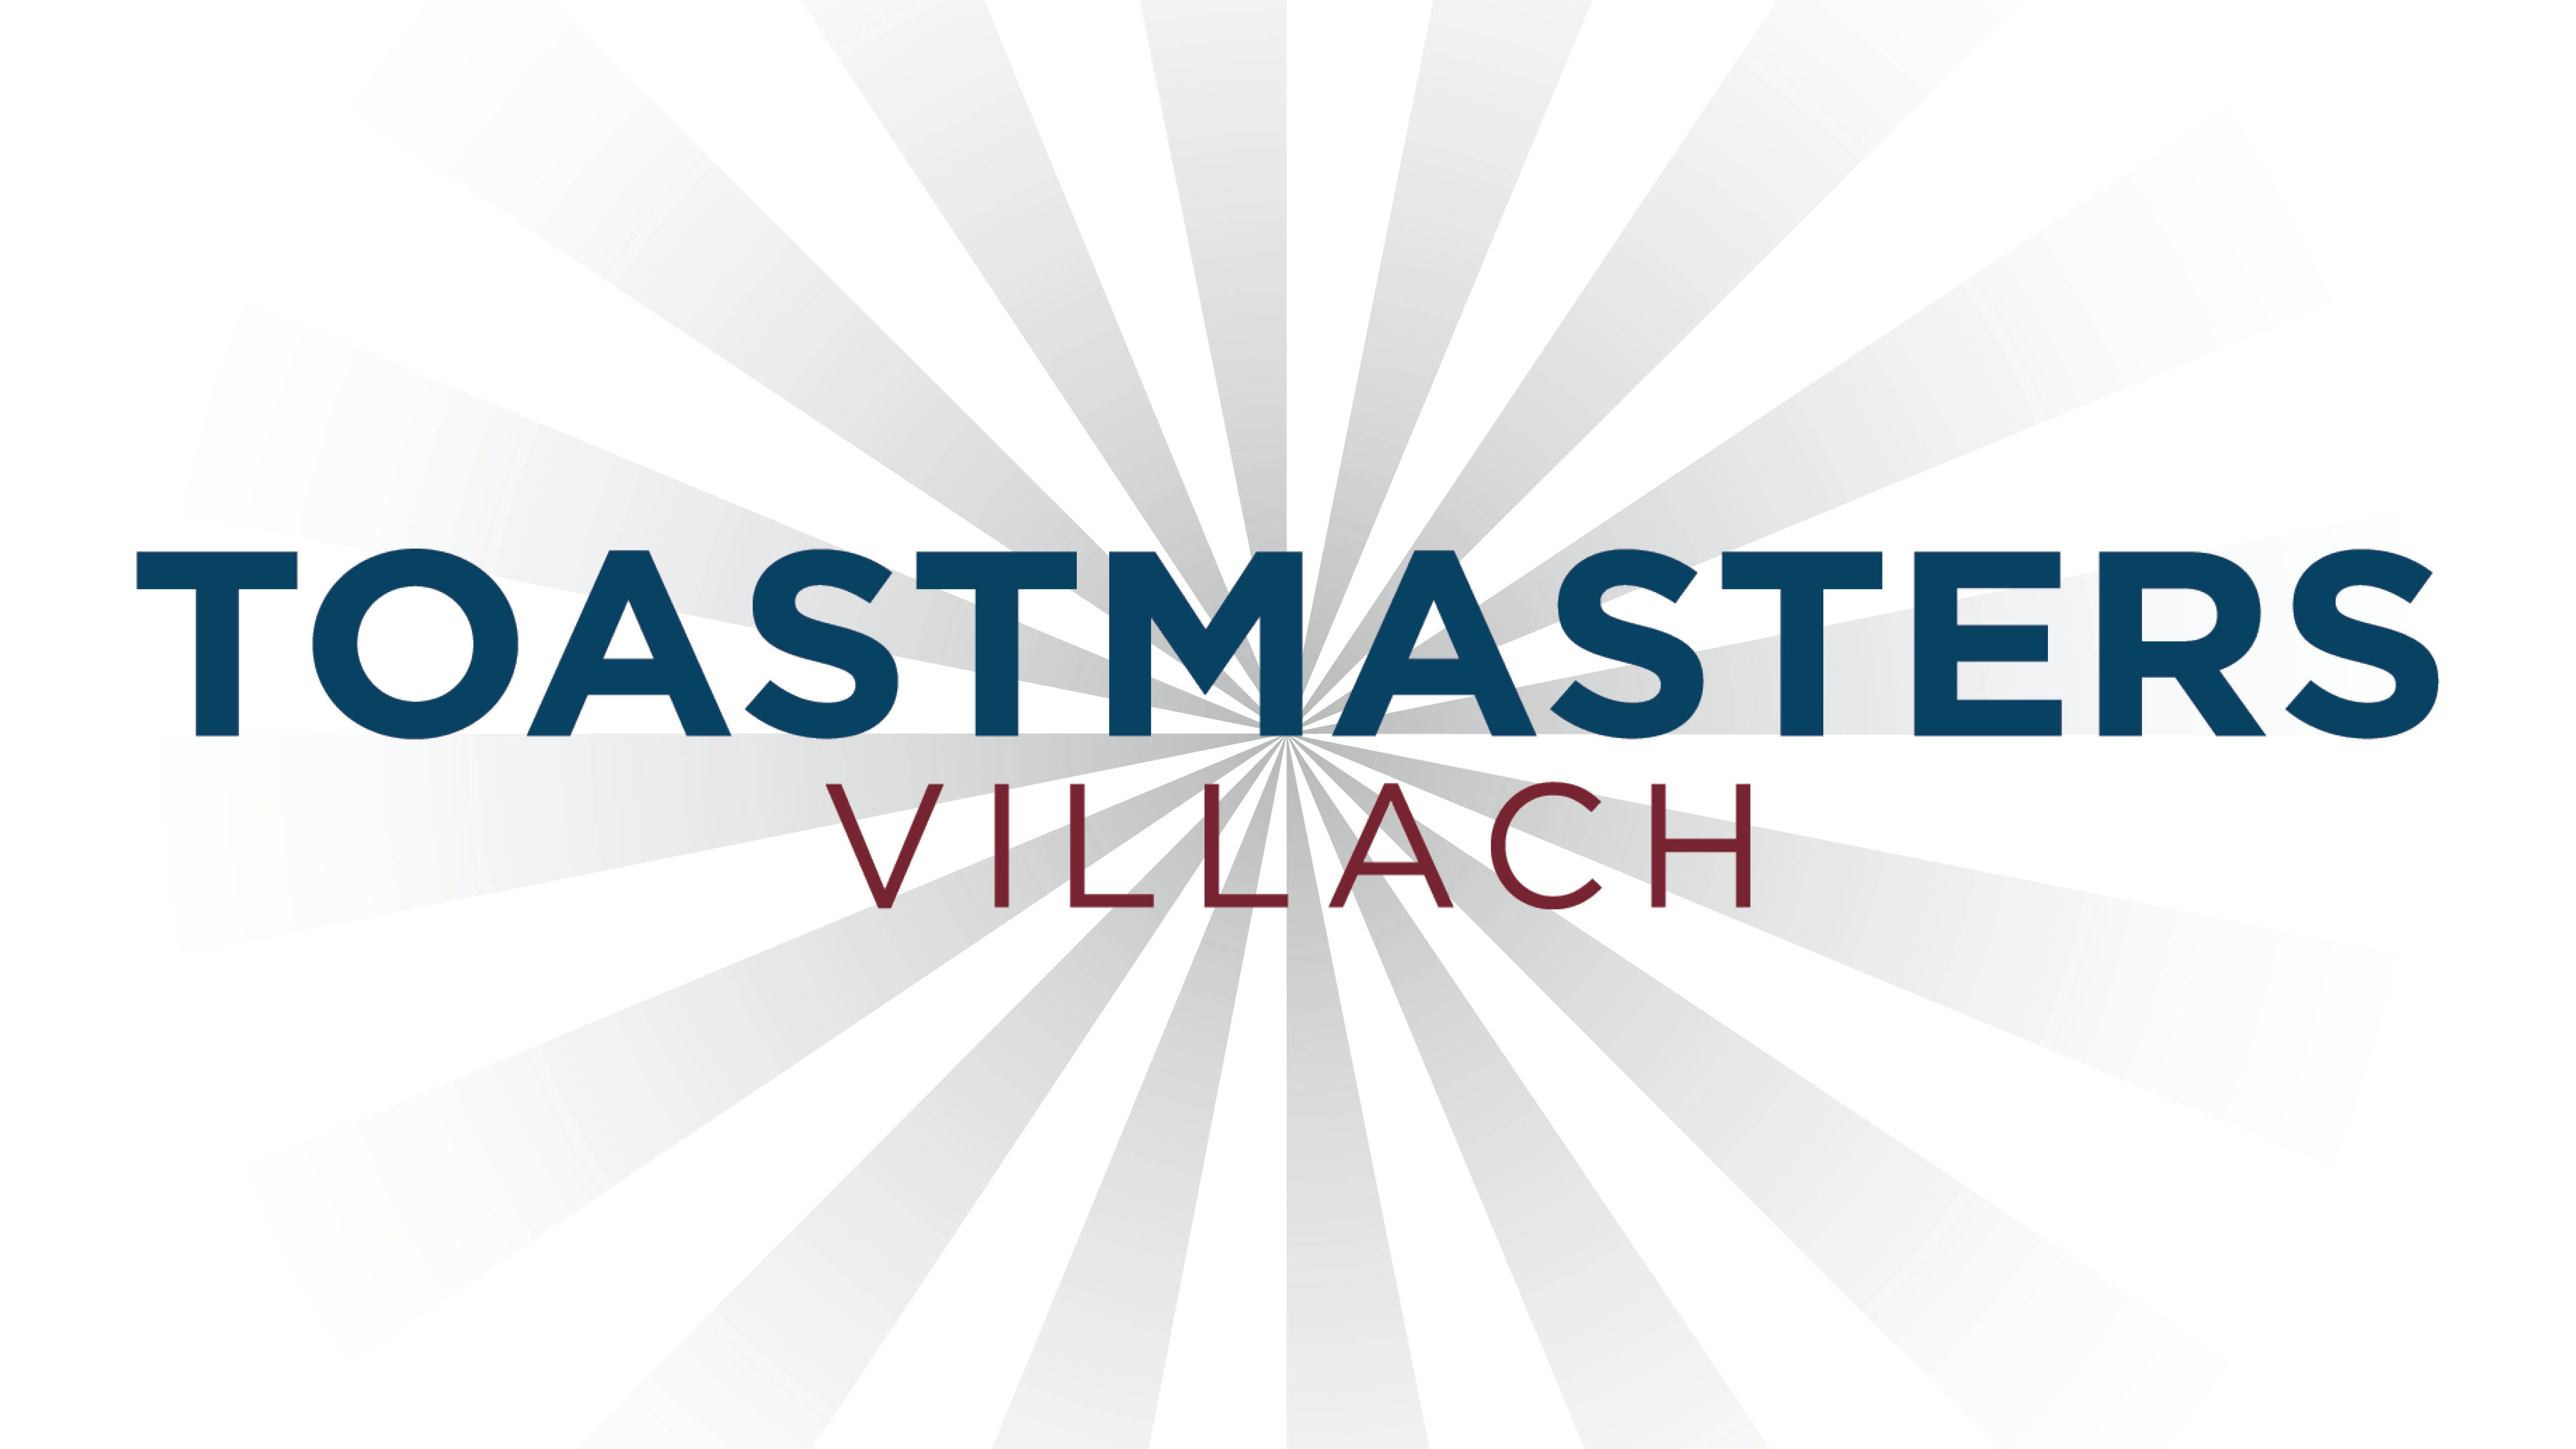 Toastmasters Villach